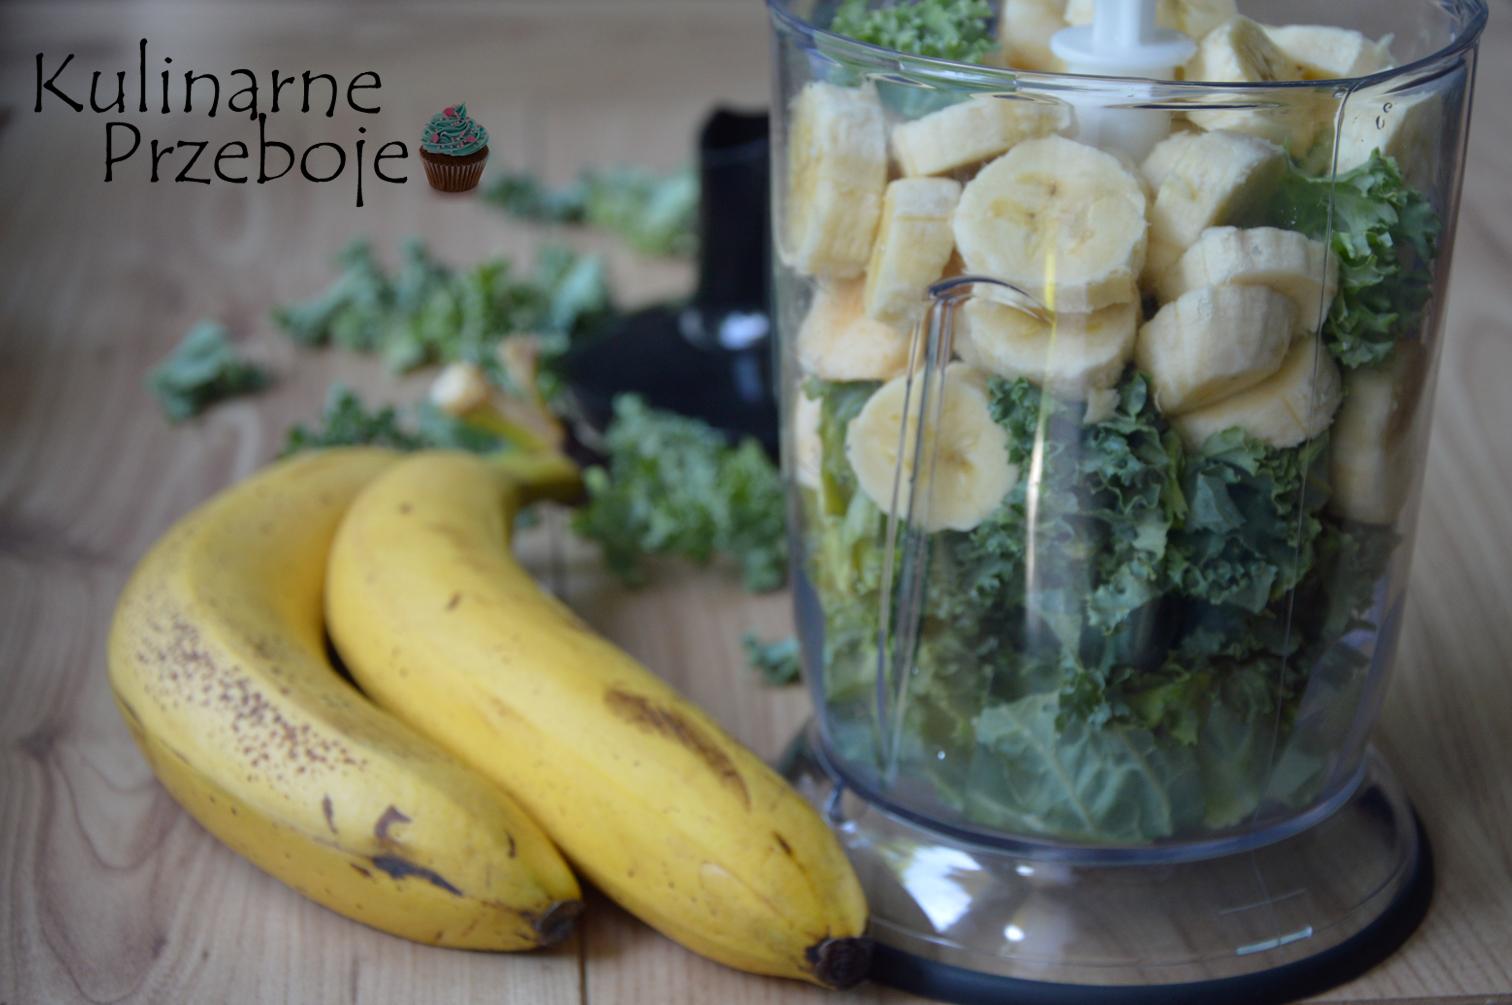 Koktajl z jarmużu, banana i jabłka